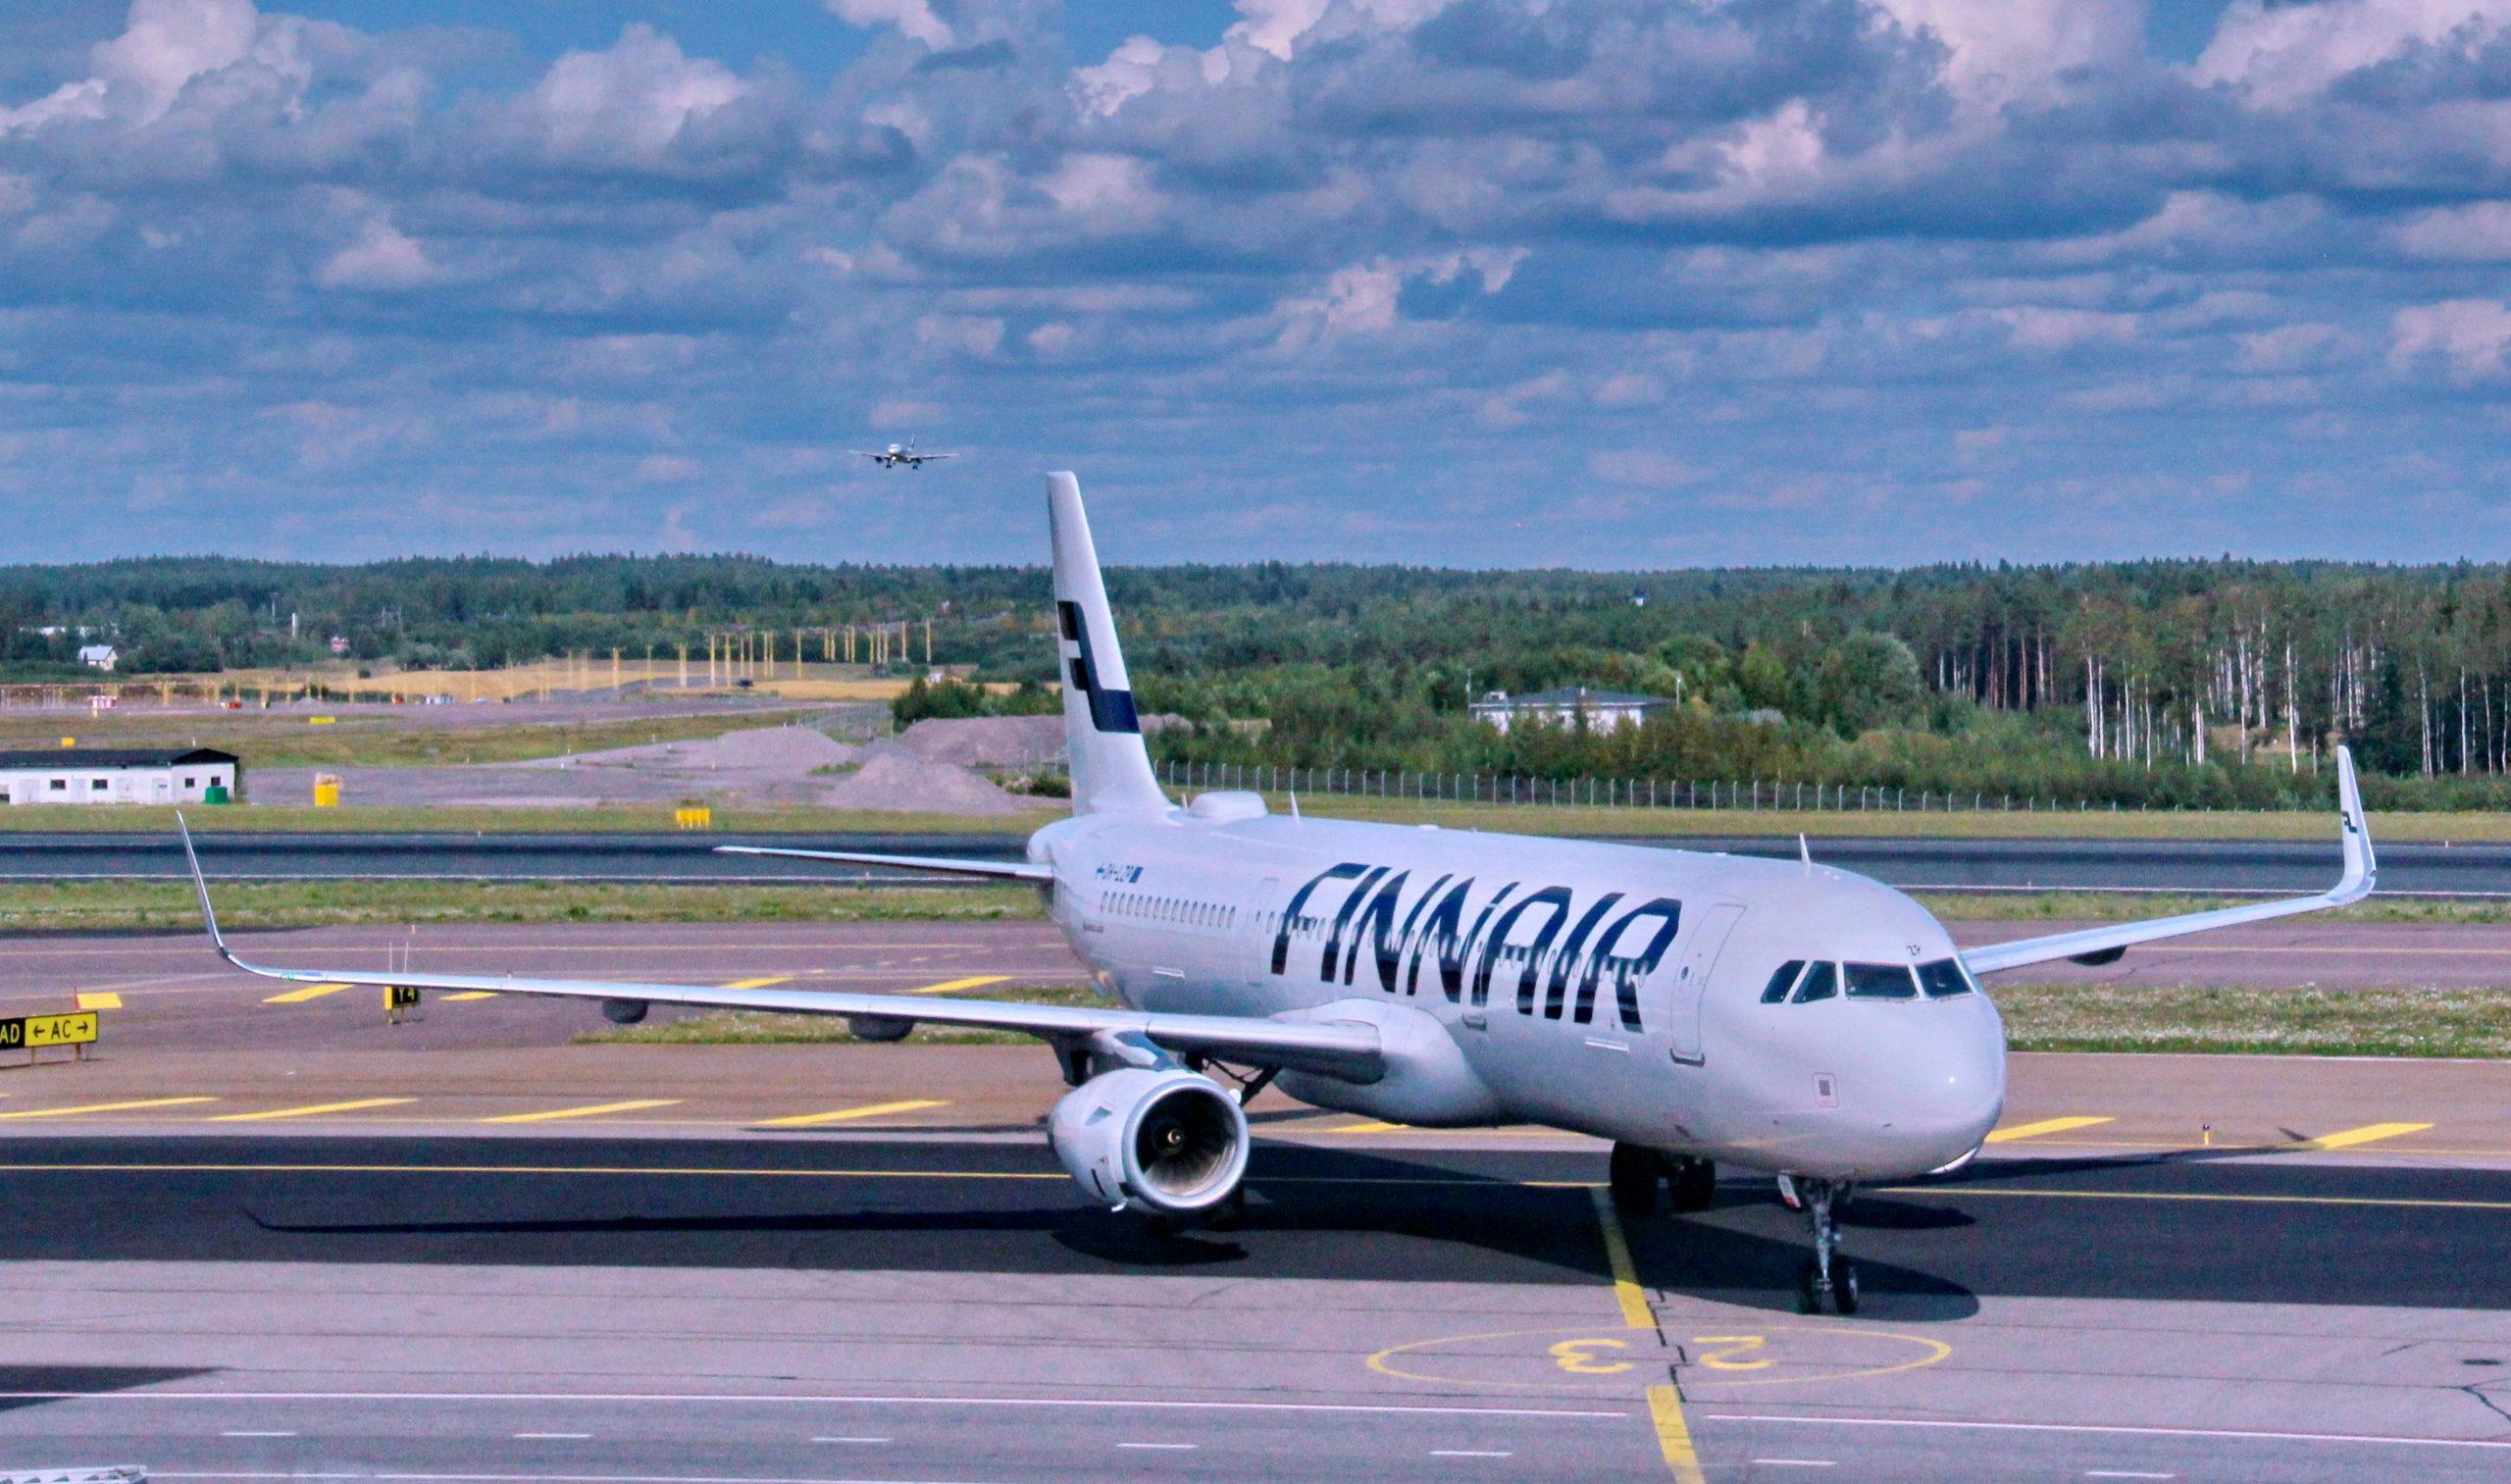 Finnair-b-scaled.jpg